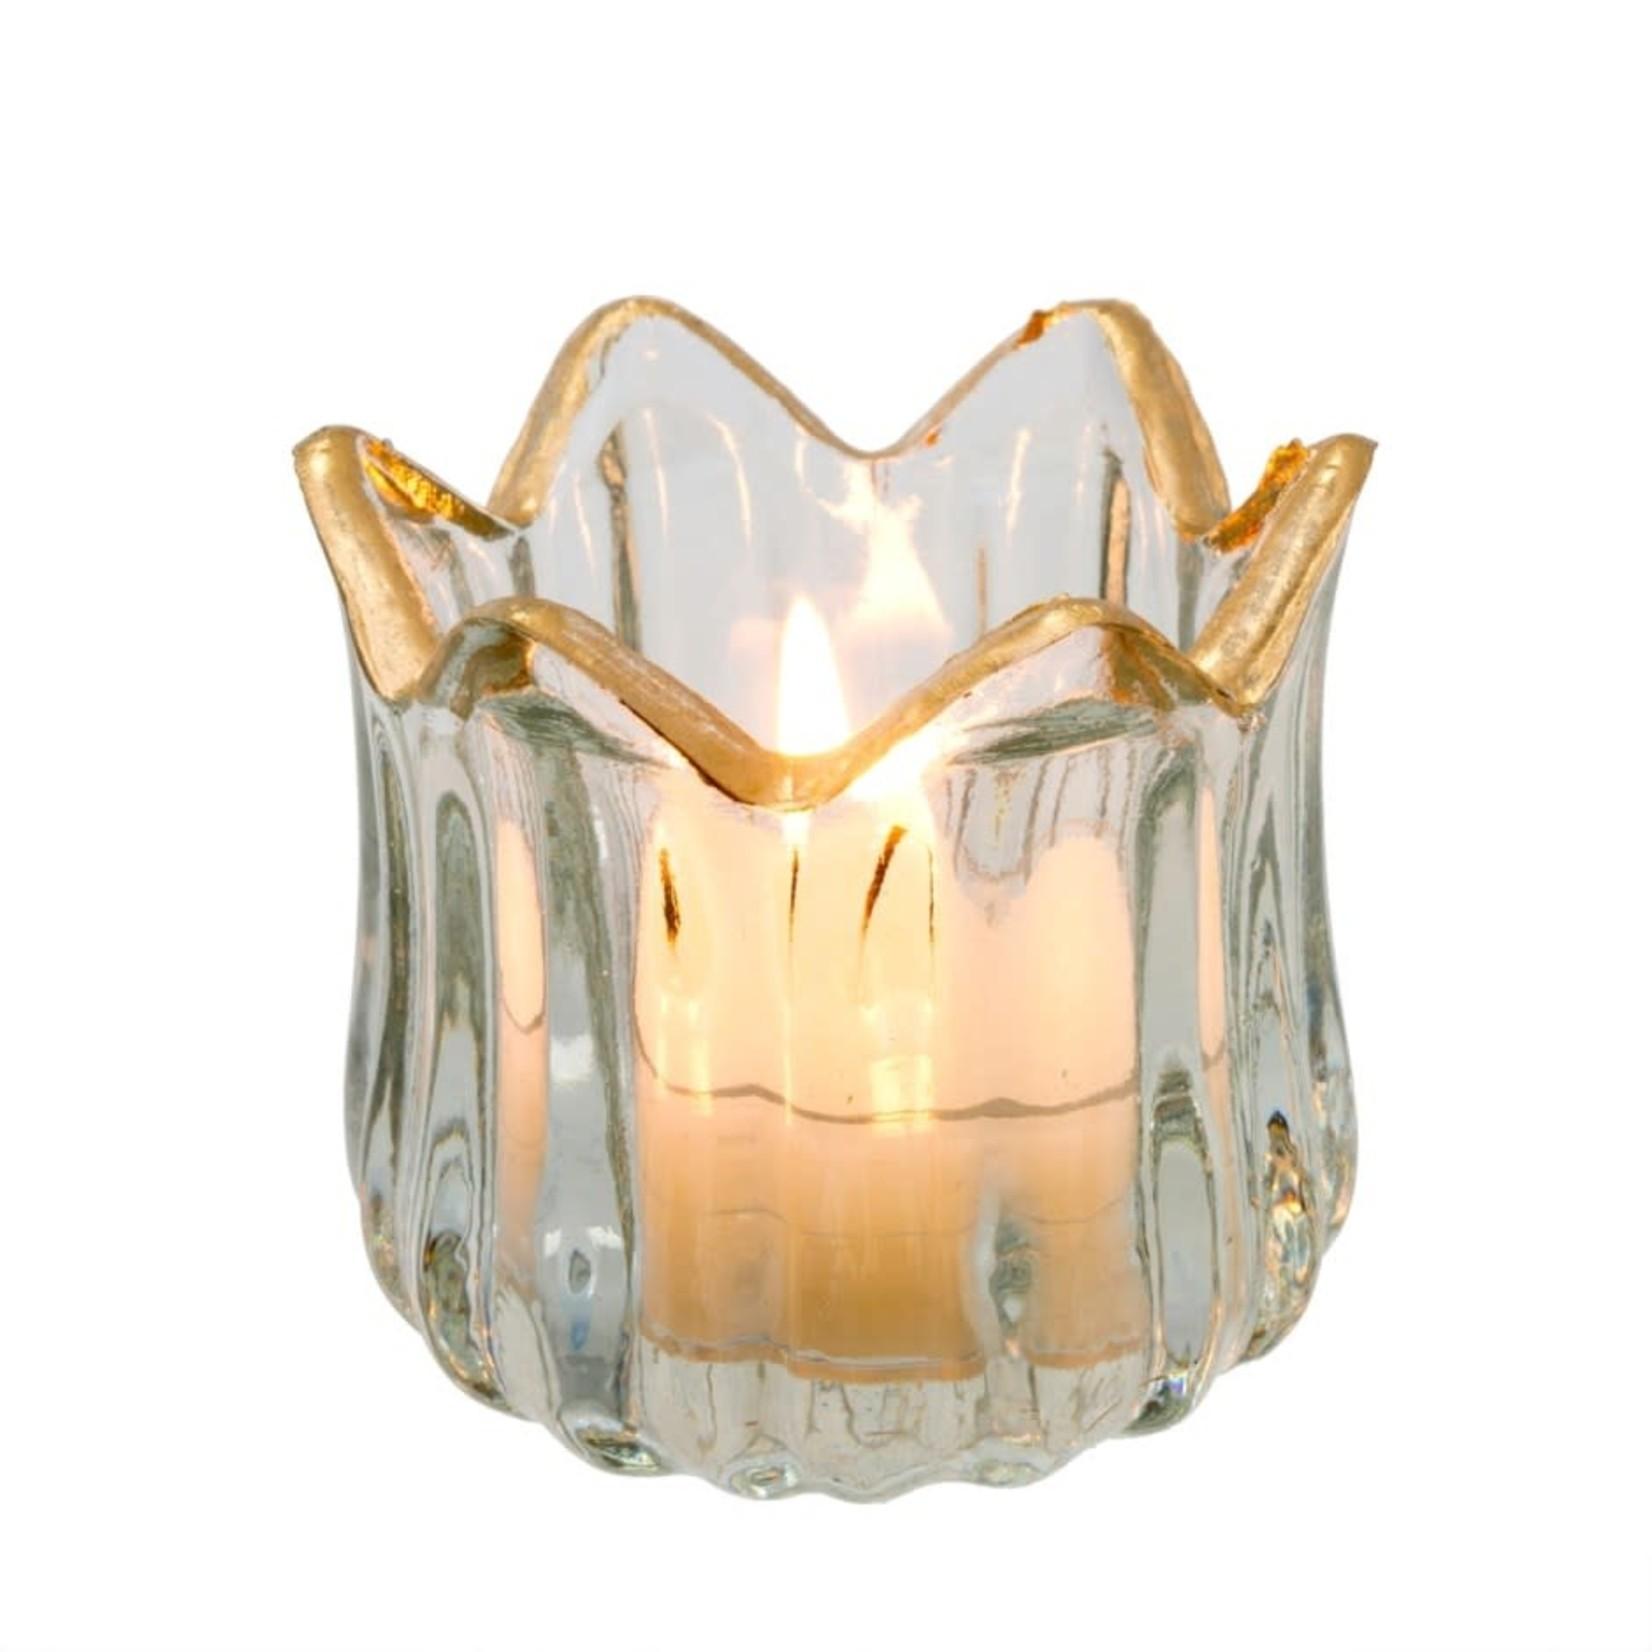 Golden Rim Tealight Holder